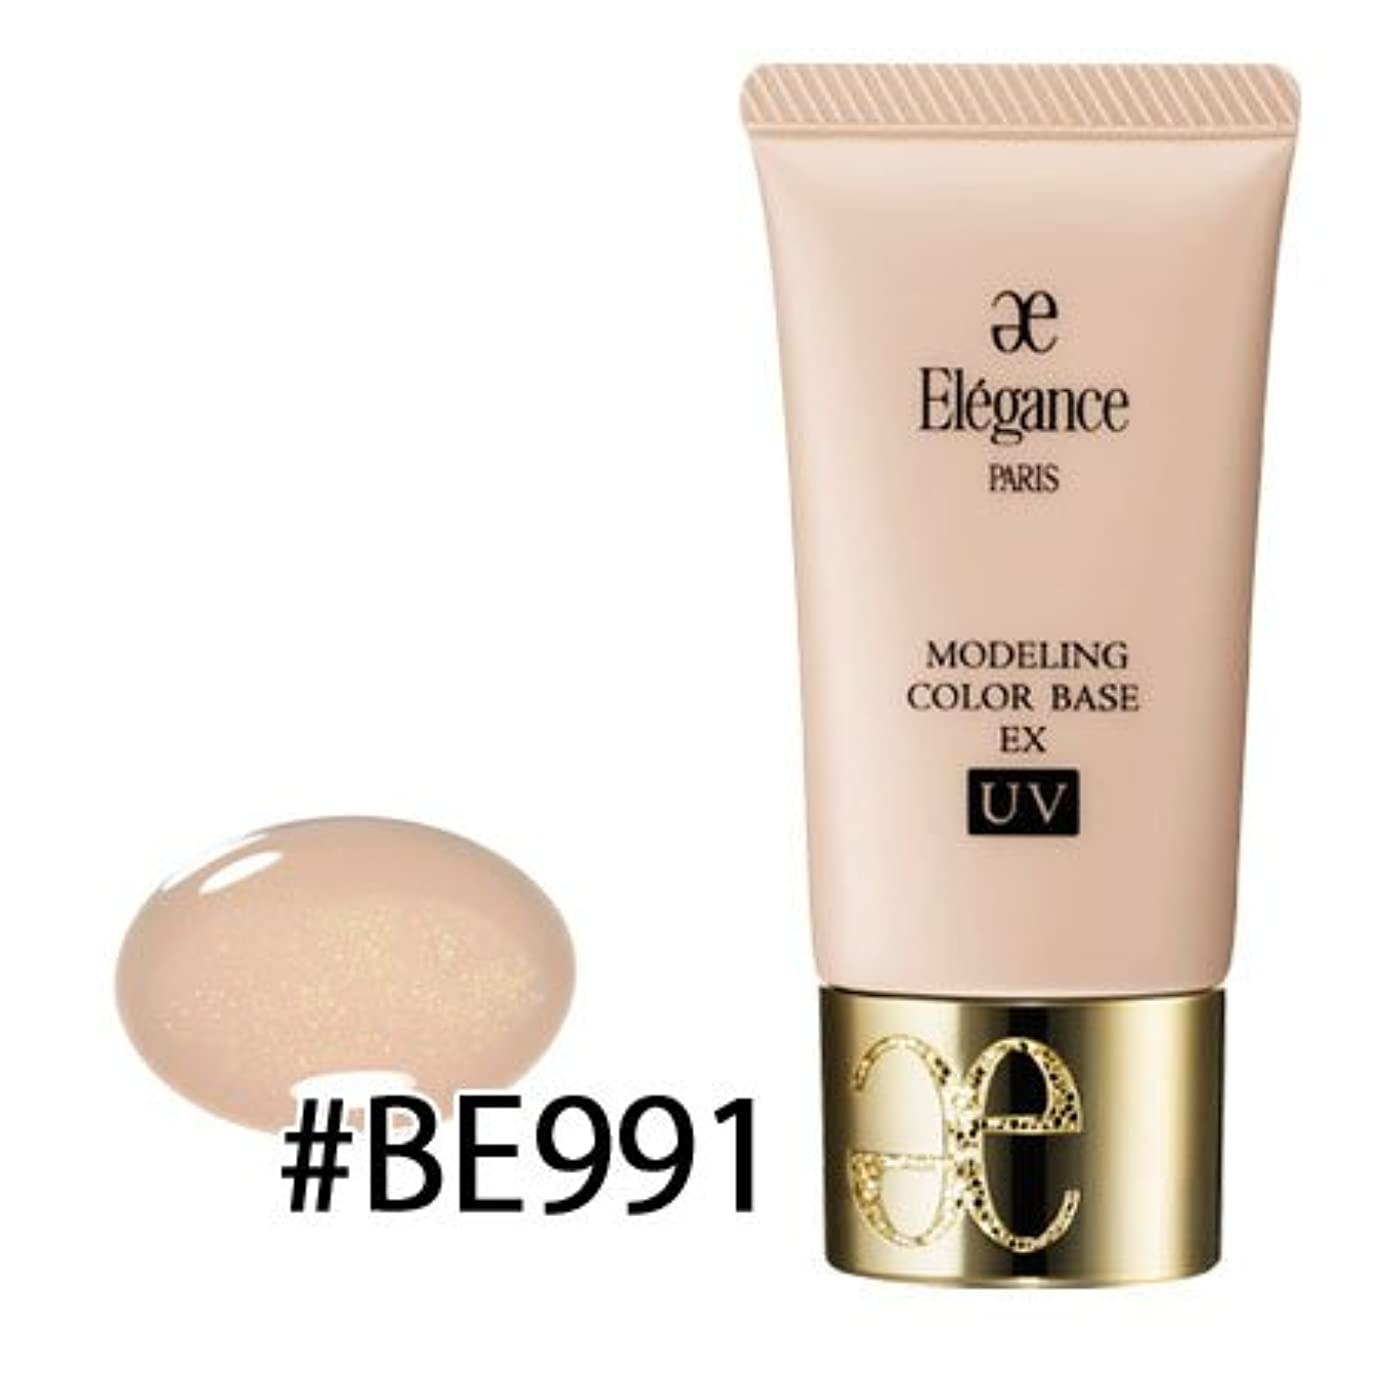 許す有力者金銭的なエレガンス モデリング カラーベース EX UV #BE991